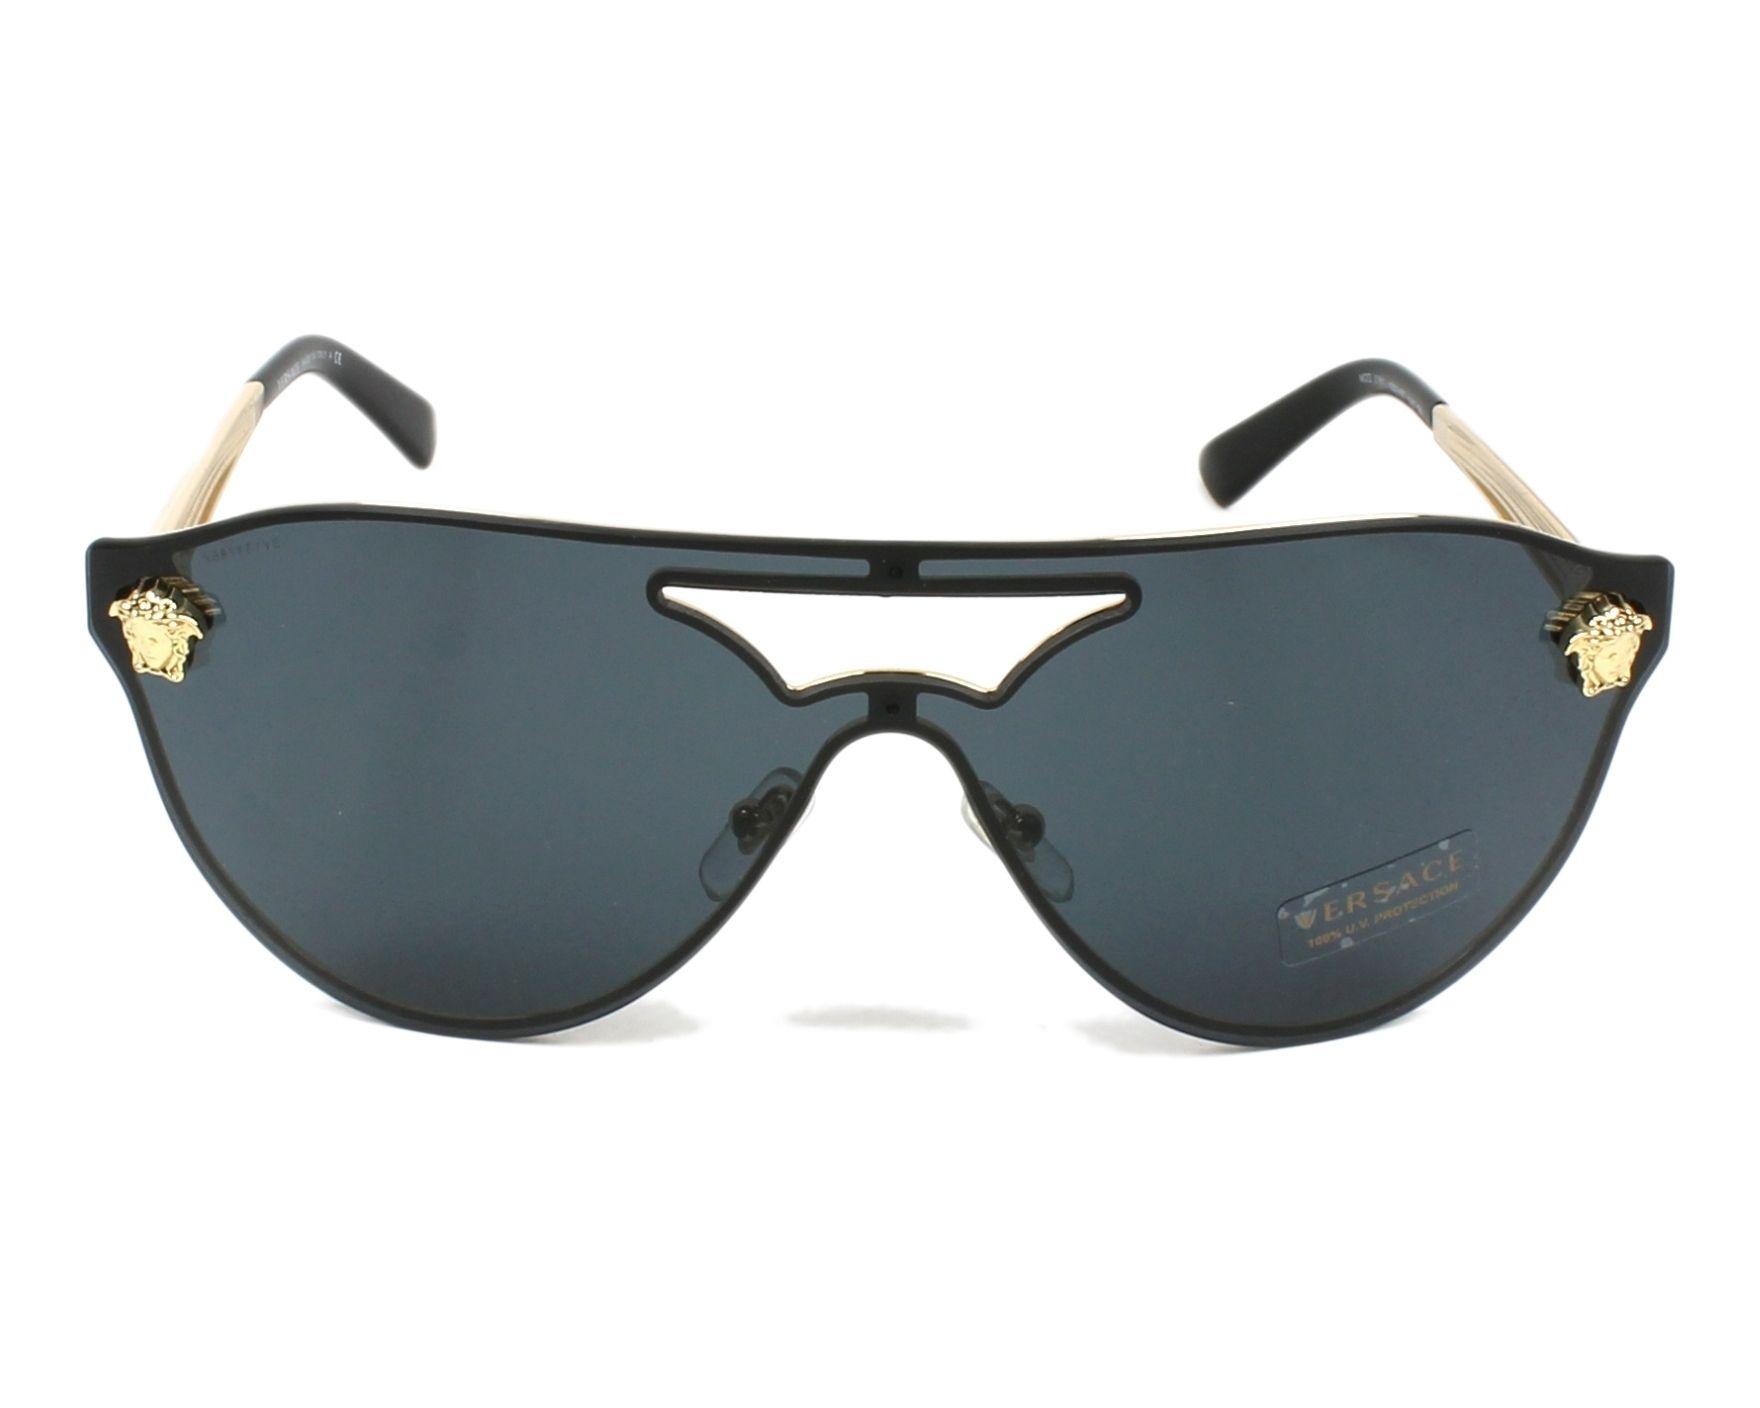 e1e981e89b7 Lunettes de soleil Versace VE-2161 100287 60-18 Or vue de face